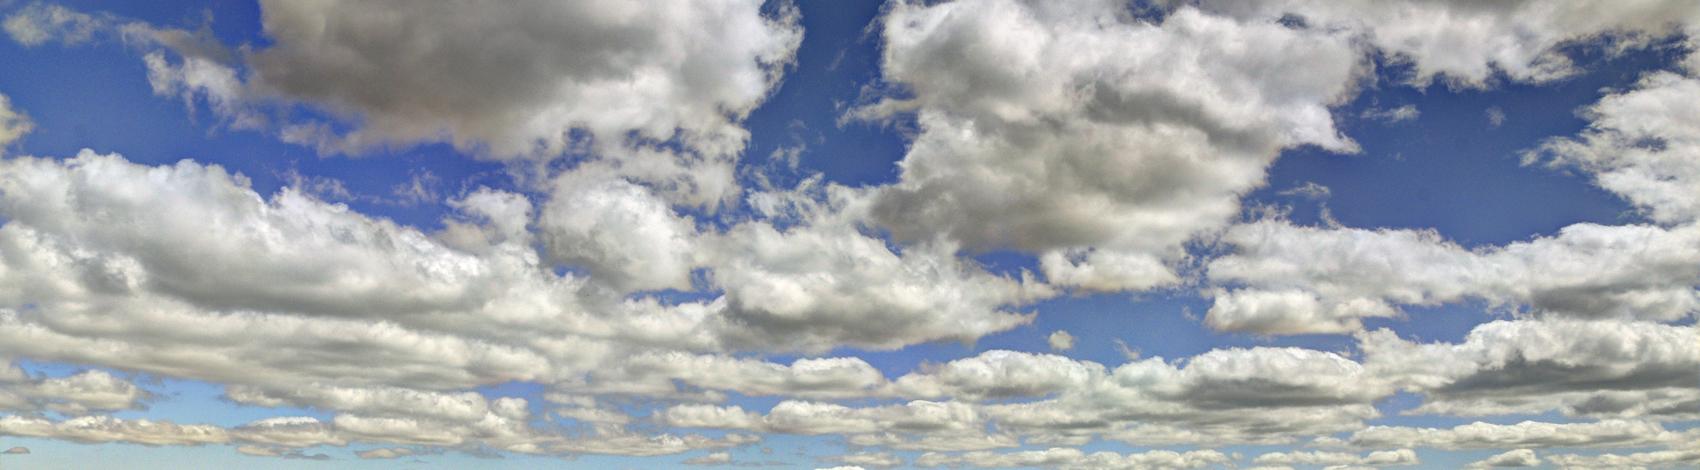 Back nuage 1